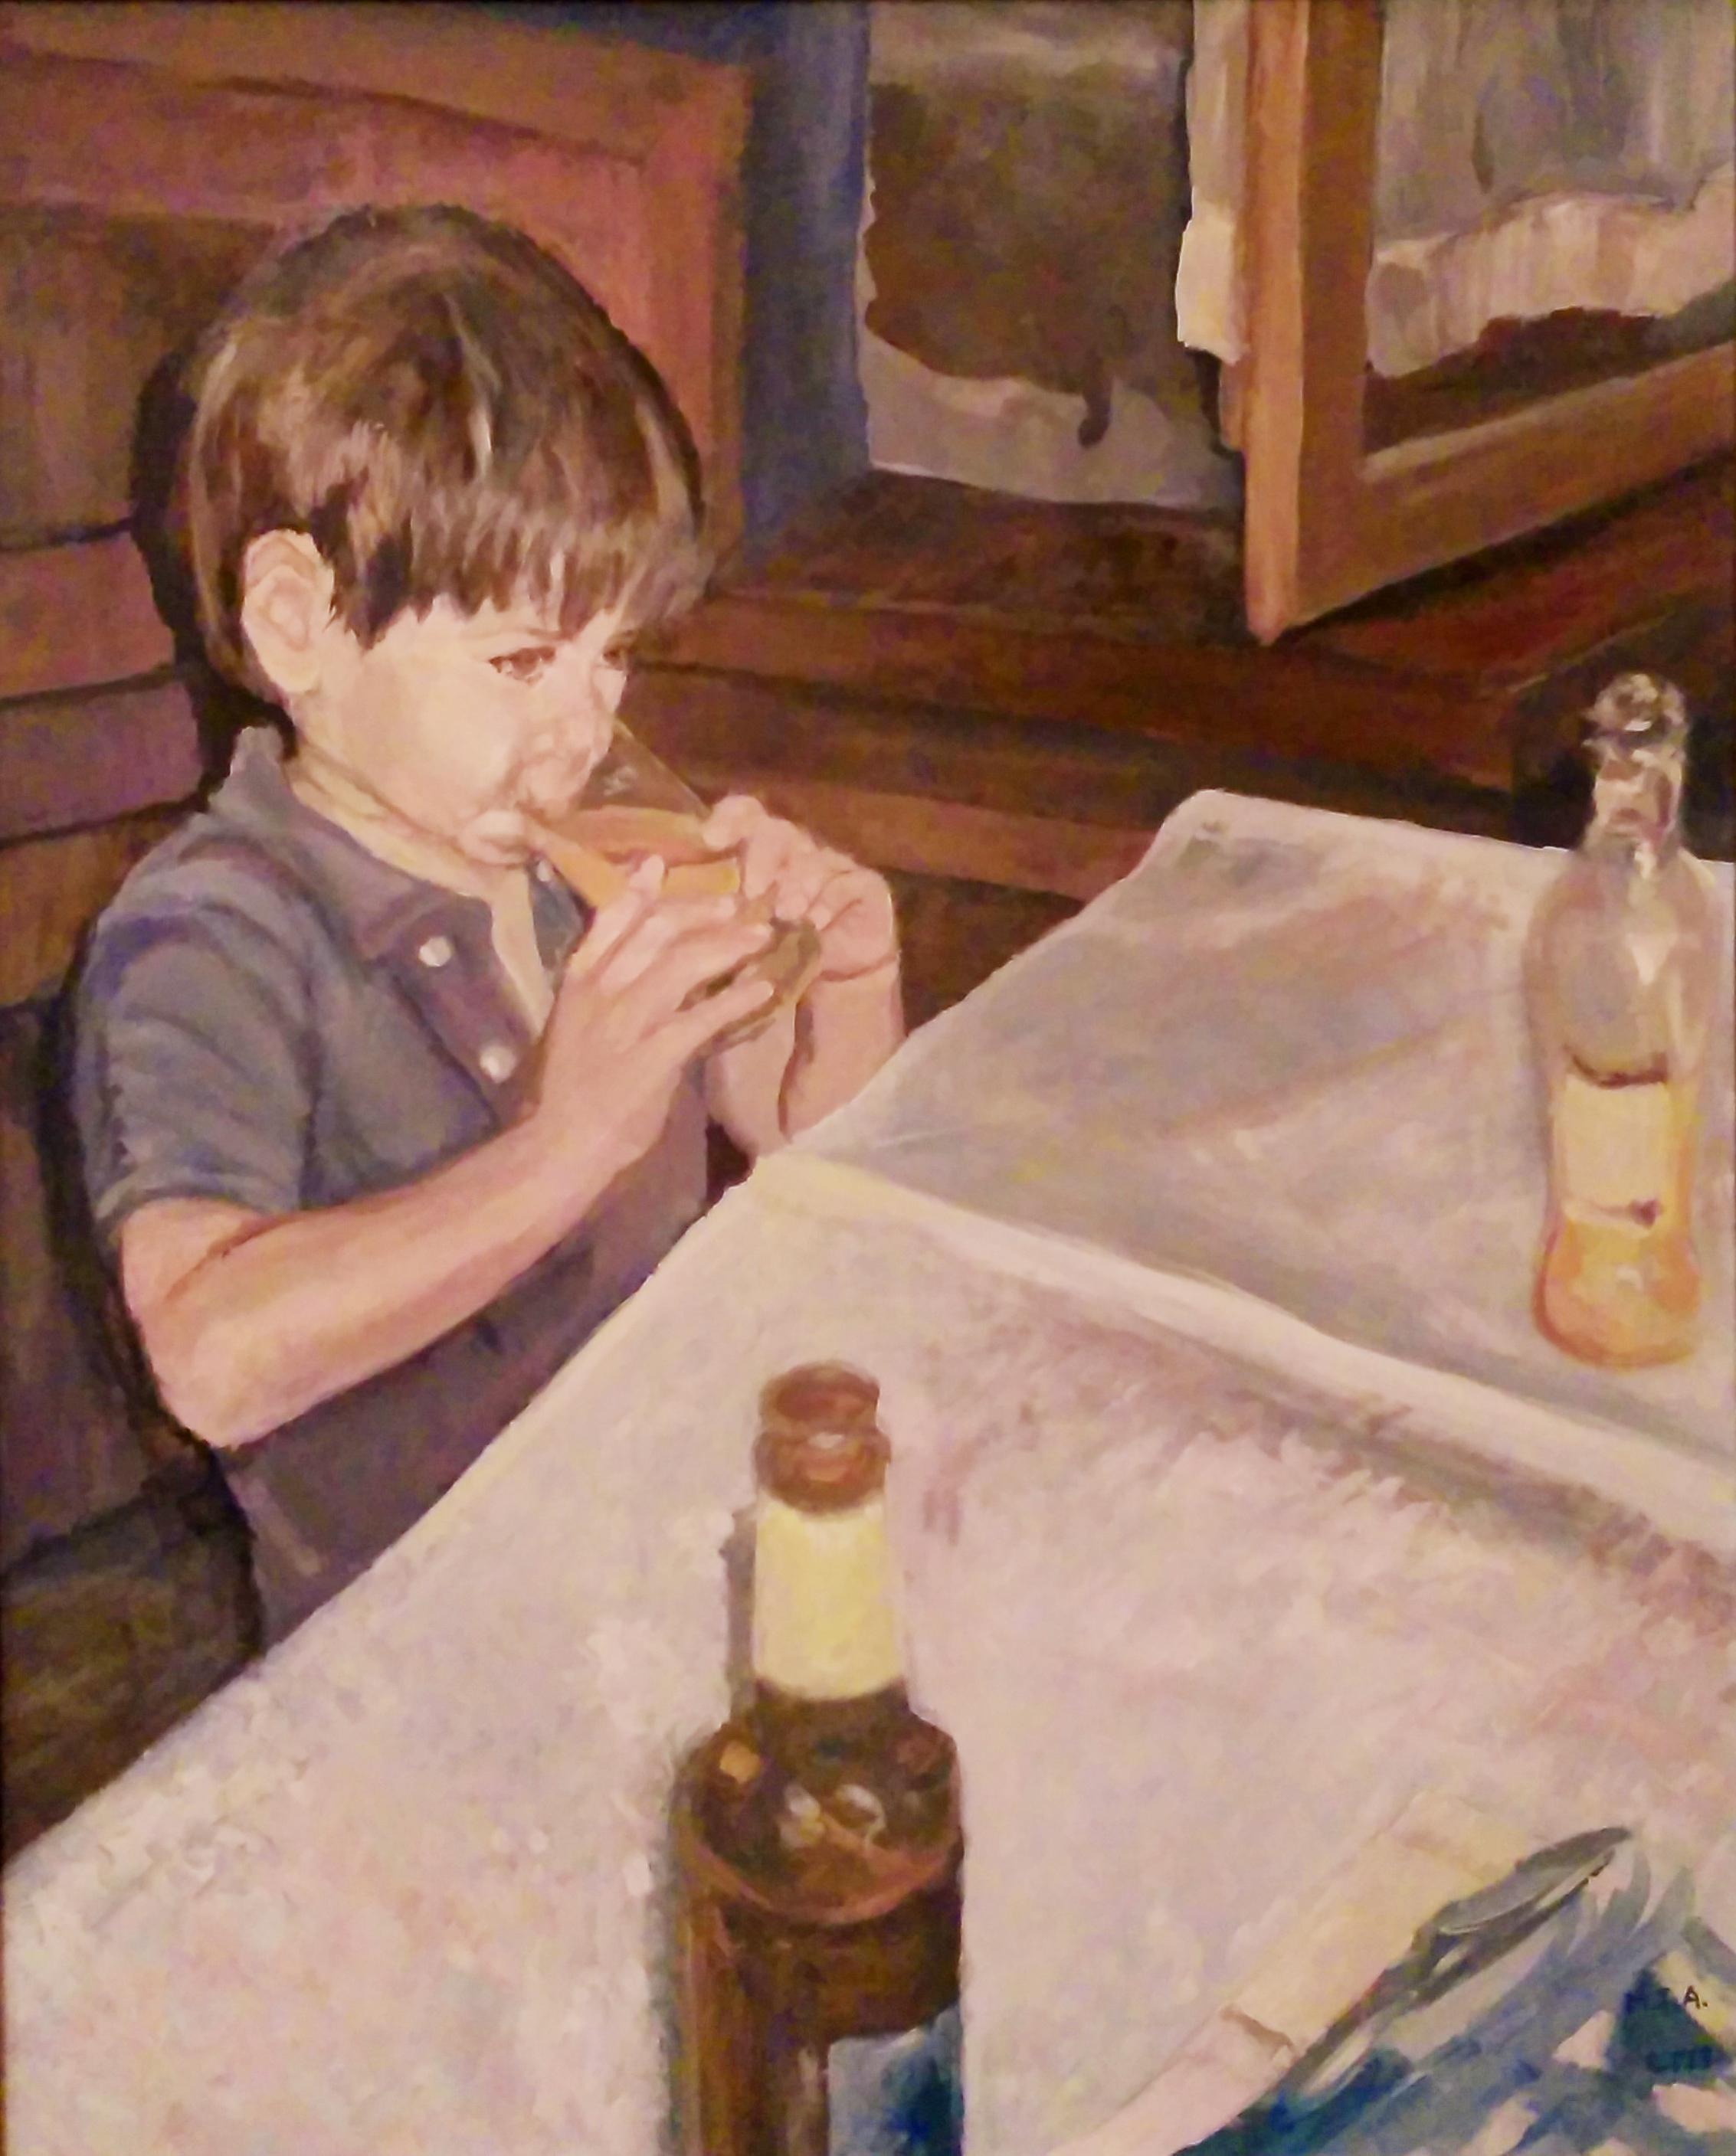 Un niño bebe de un vaso un refresco, sentado frente a una mesa con mantel blanco y dos botellas. Detrás, una ventana semiabierta